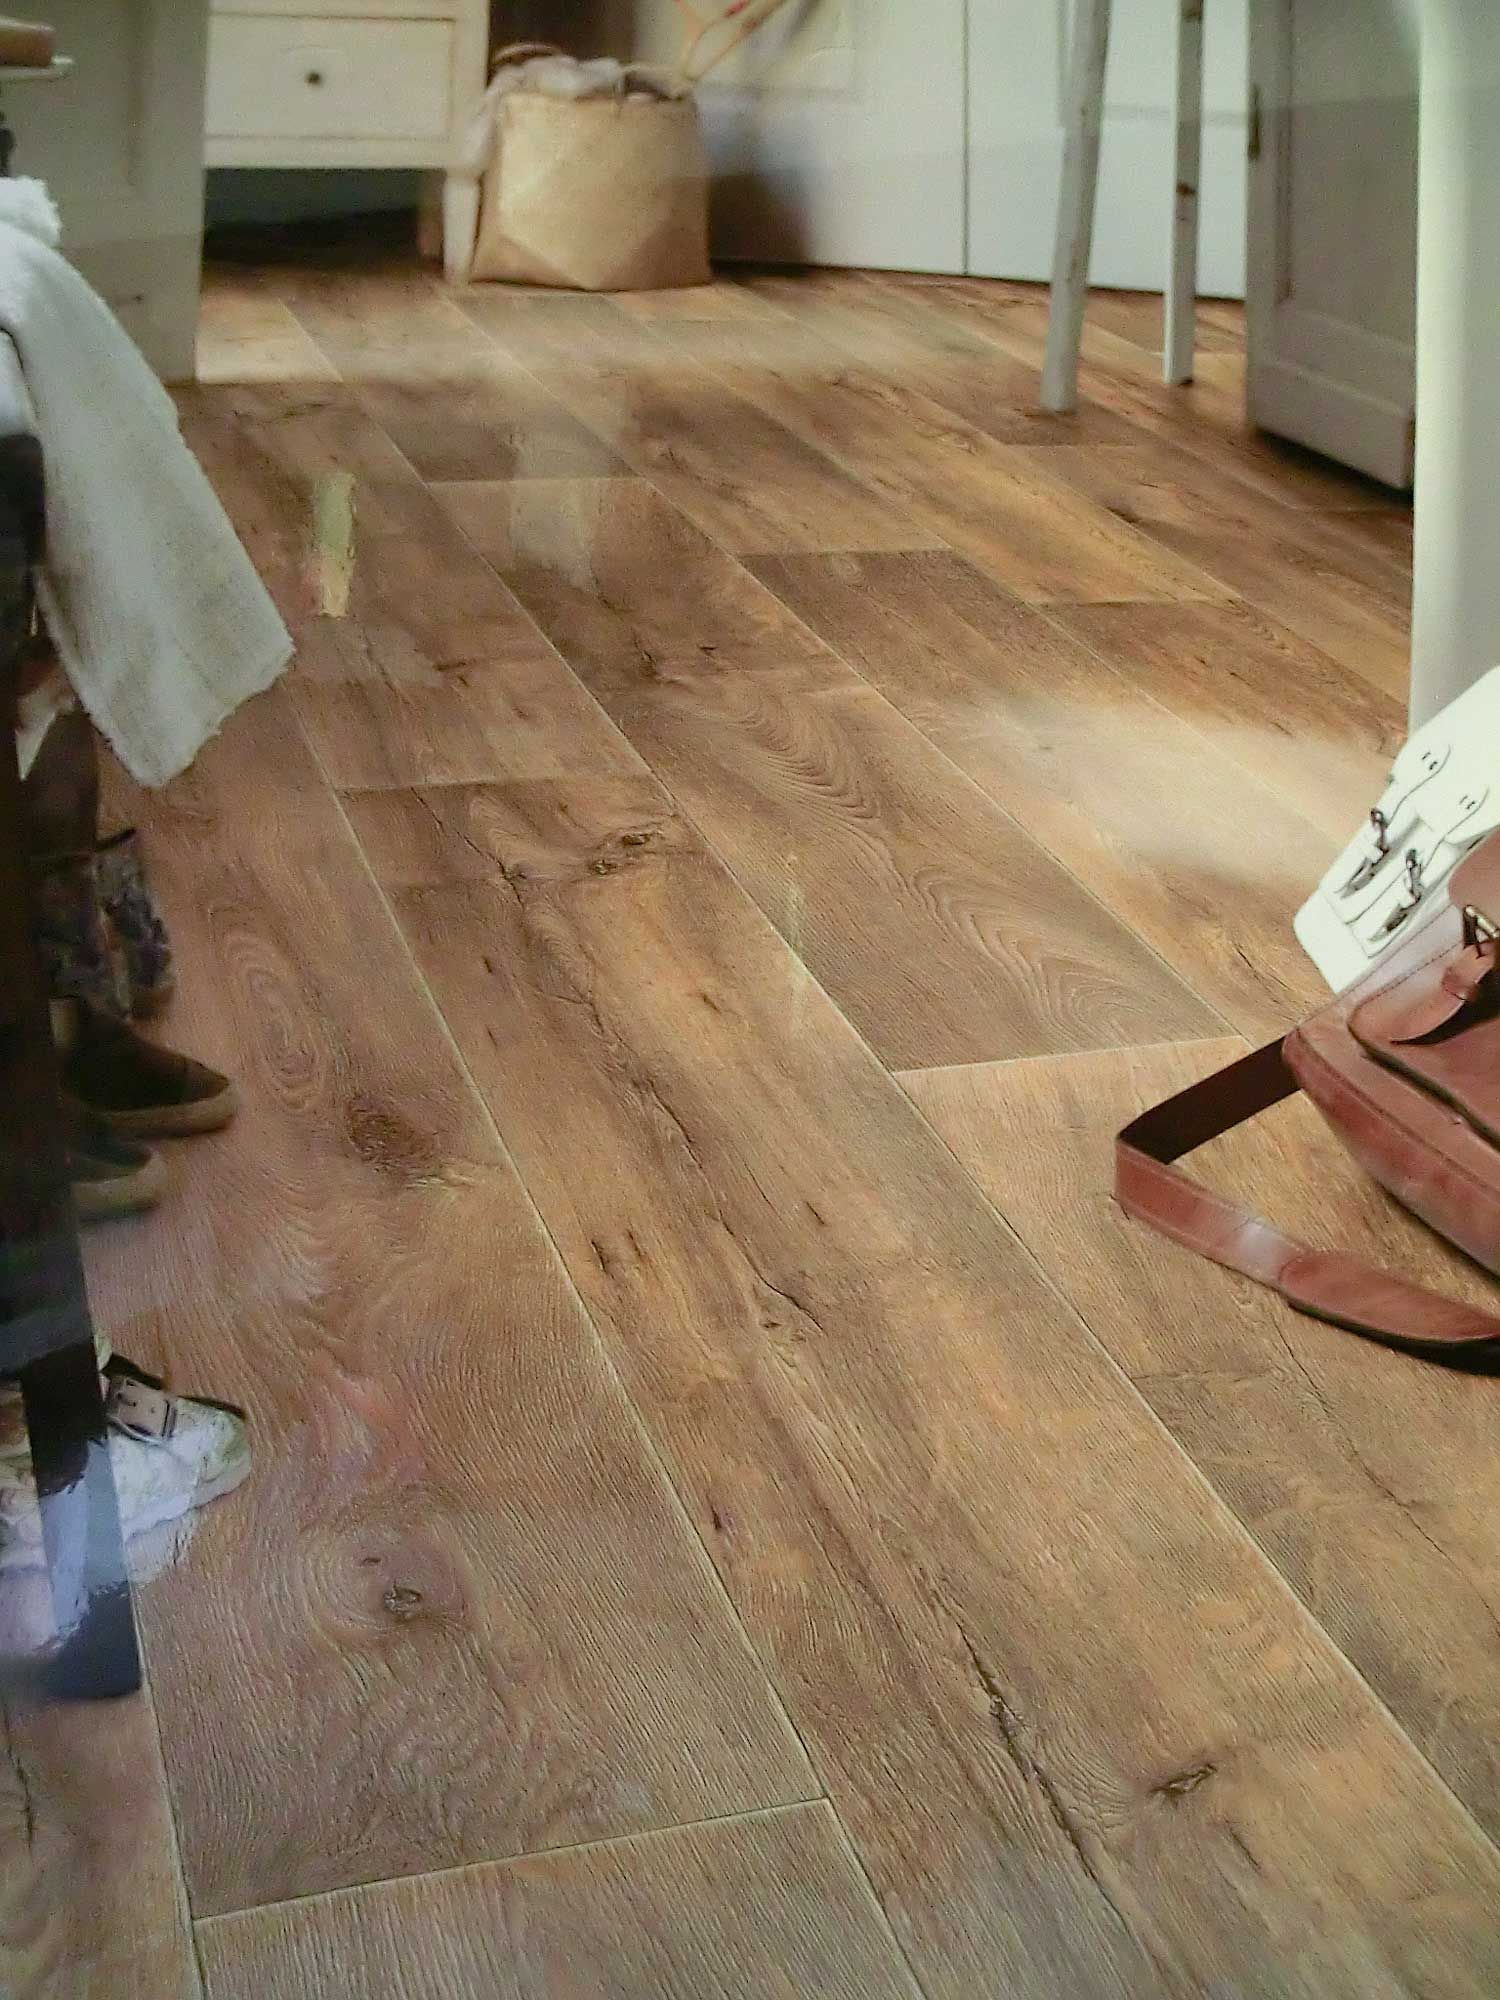 Schon Pvc Bodenbelag Holzoptik Planken Badezimmer In 2019 Pvc Bodenbelag Wohnzimmer Bodenbelag Cv Bodenbelag